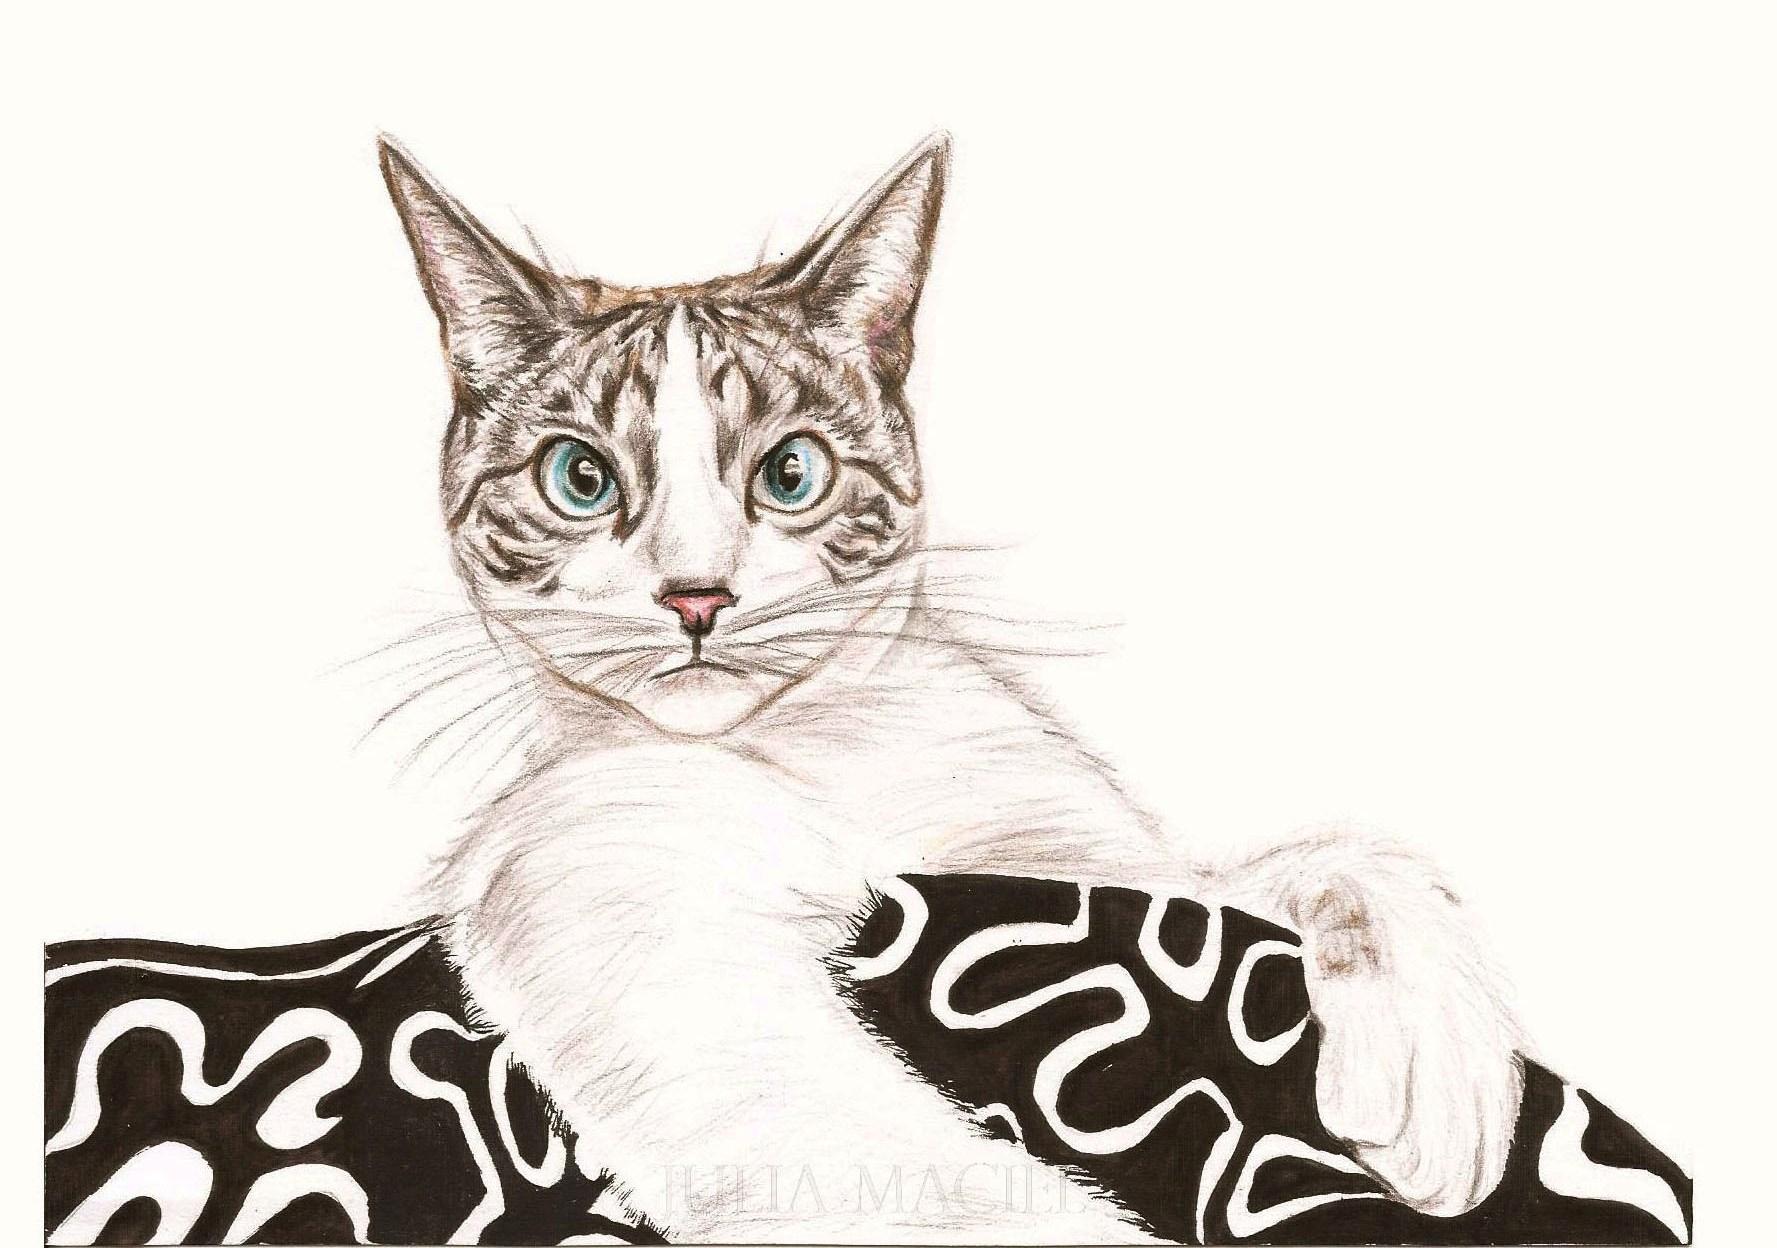 Desenho Gato - A4 Personalizado   Julia Maciel   Elo7